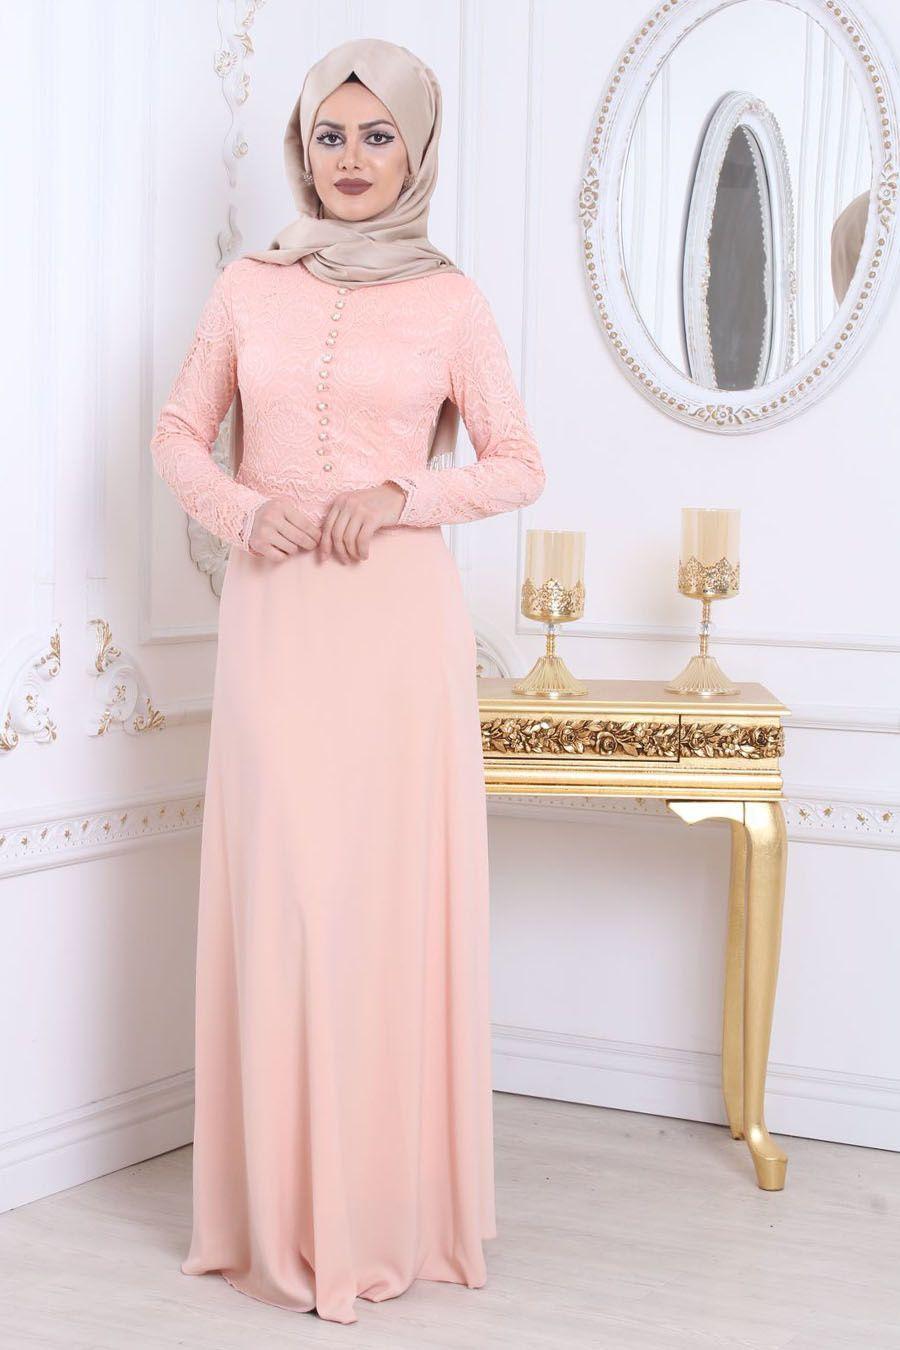 fa7aeefcd2109 Tesettürlü Abiye Elbise - Üzeri Dantelli Pudra Tesettür Abiye Elbise  78590PD #tesetturisland #tesettur #